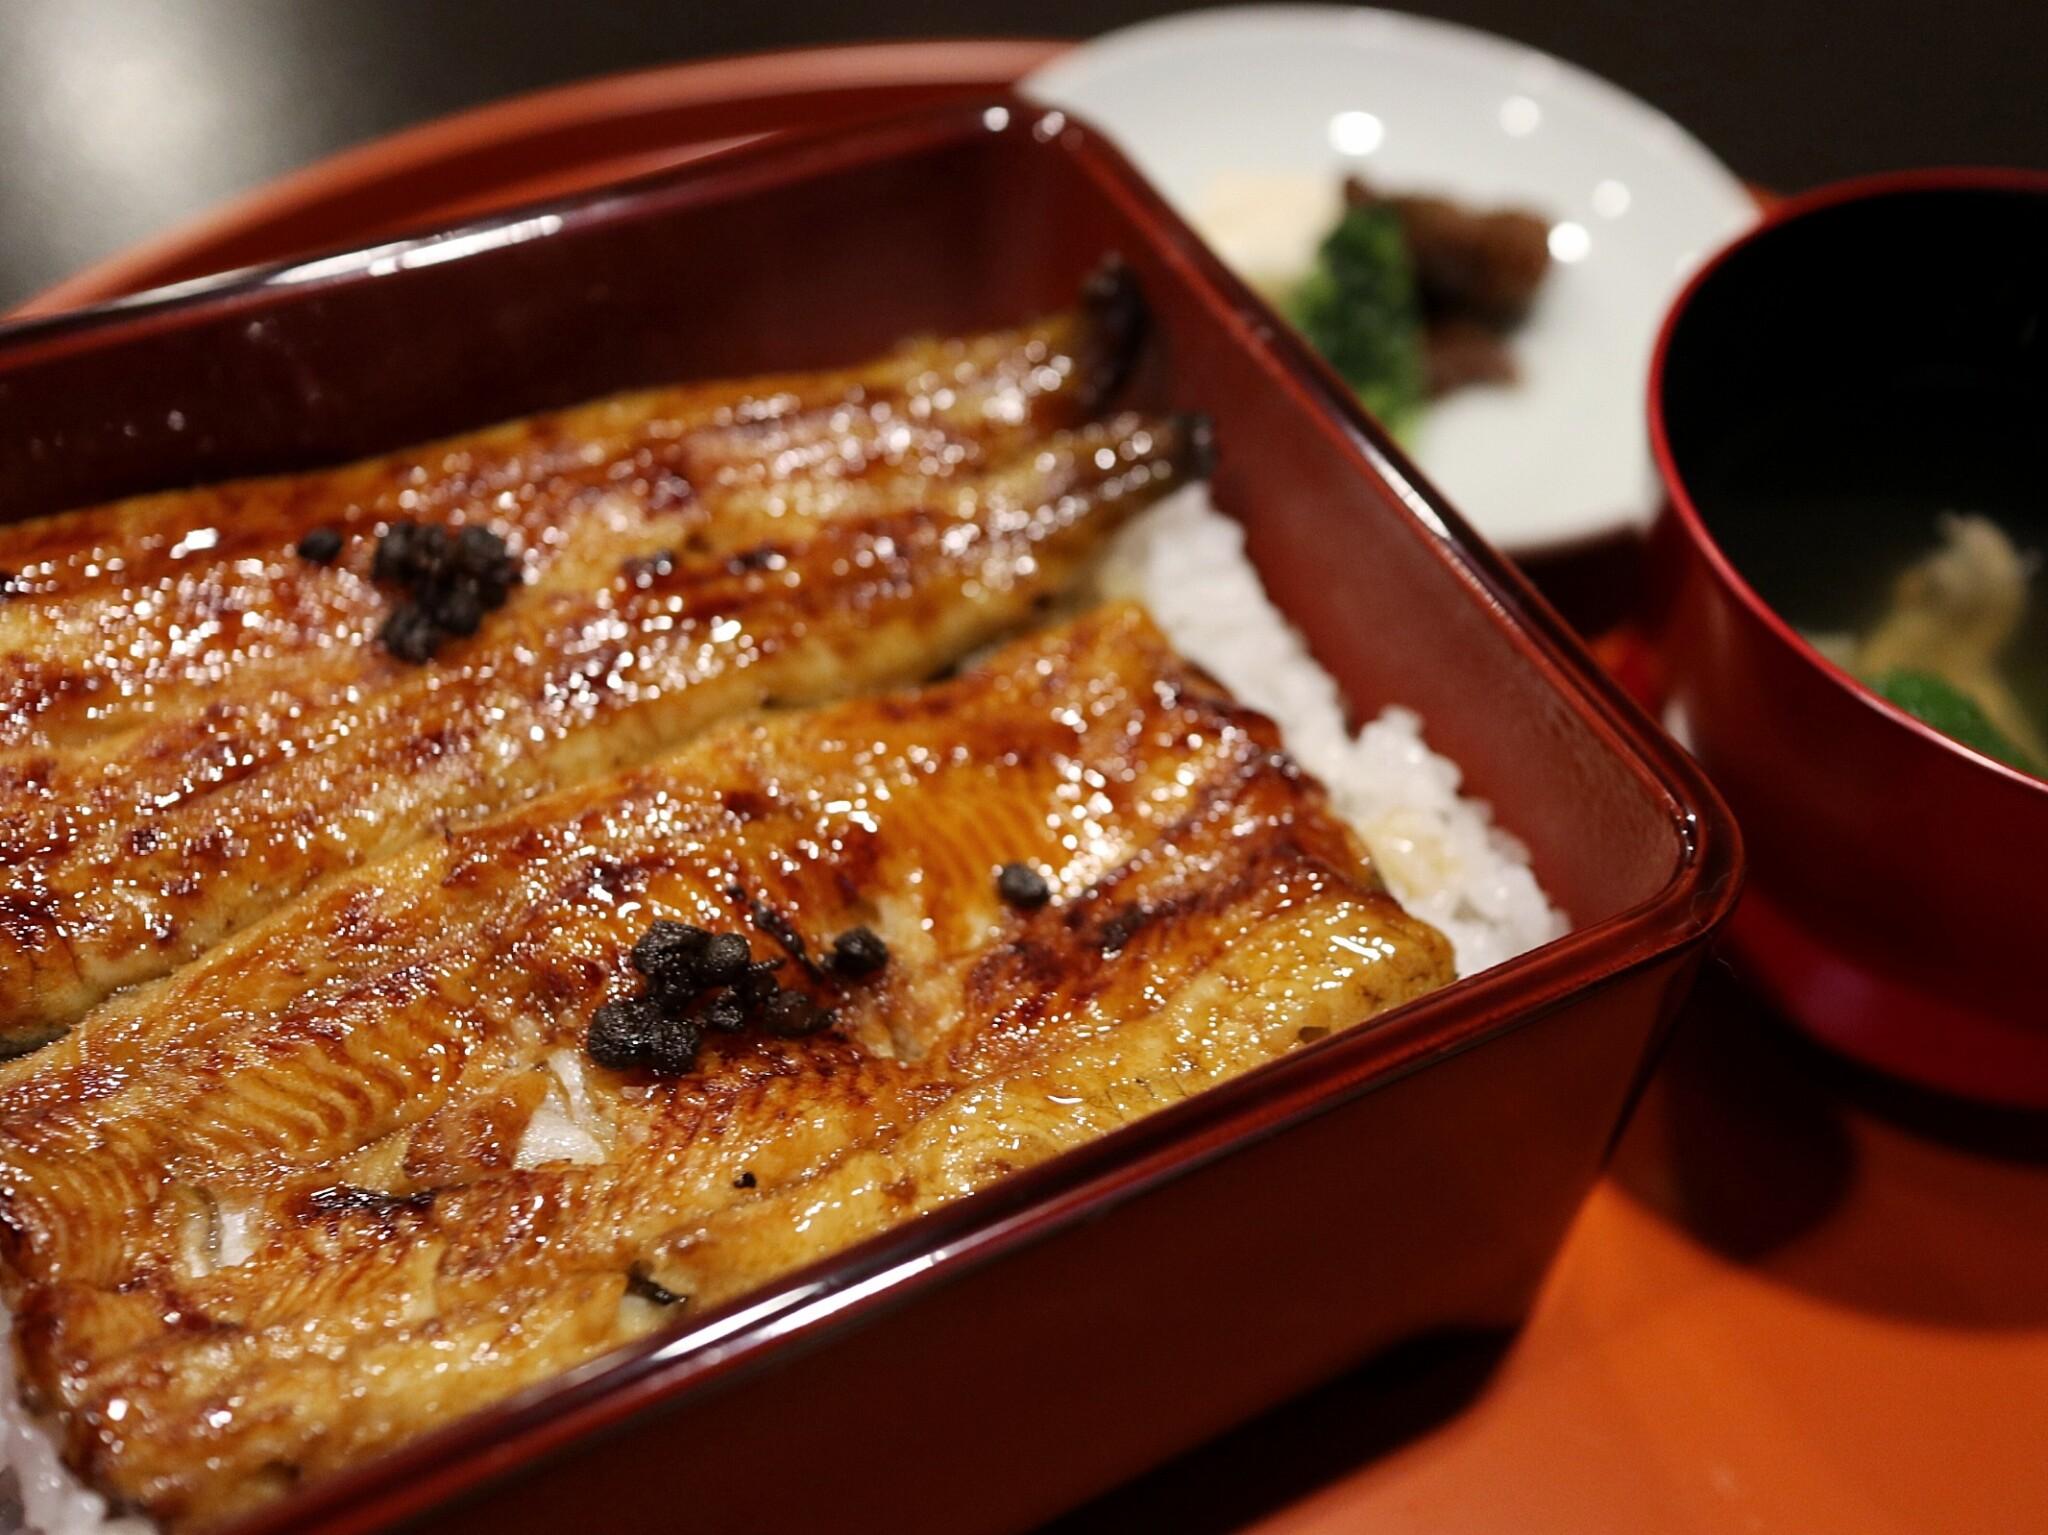 〈ホテルグランヴィア京都〉にニューオープン!〈京懐石 美濃吉 竹茂楼〉でいただく、おかゆ茶膳とうなぎ御膳。